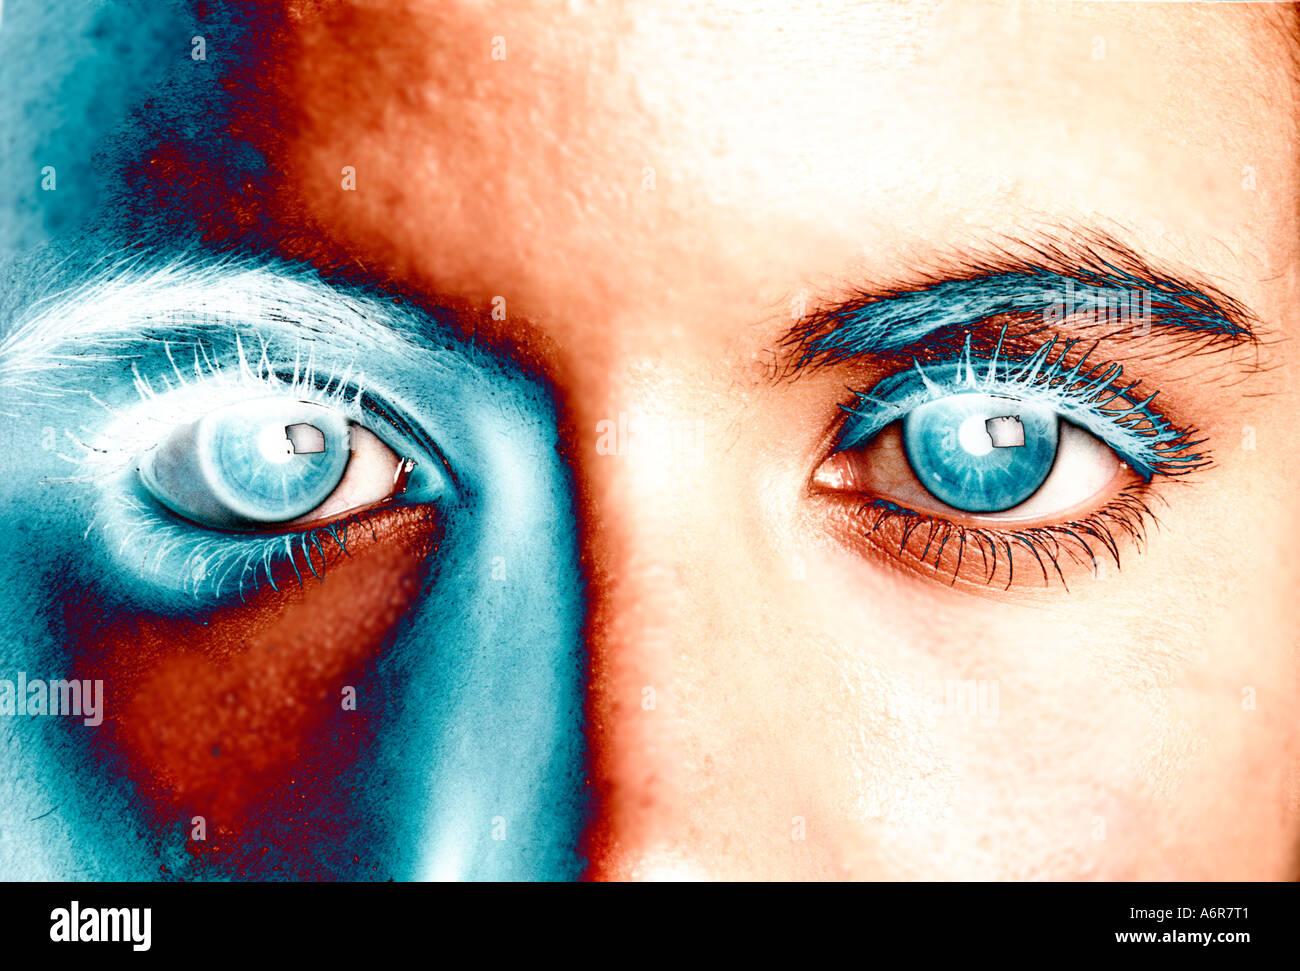 Concetto closeup di solarized occhi di una giovane donna Immagini Stock